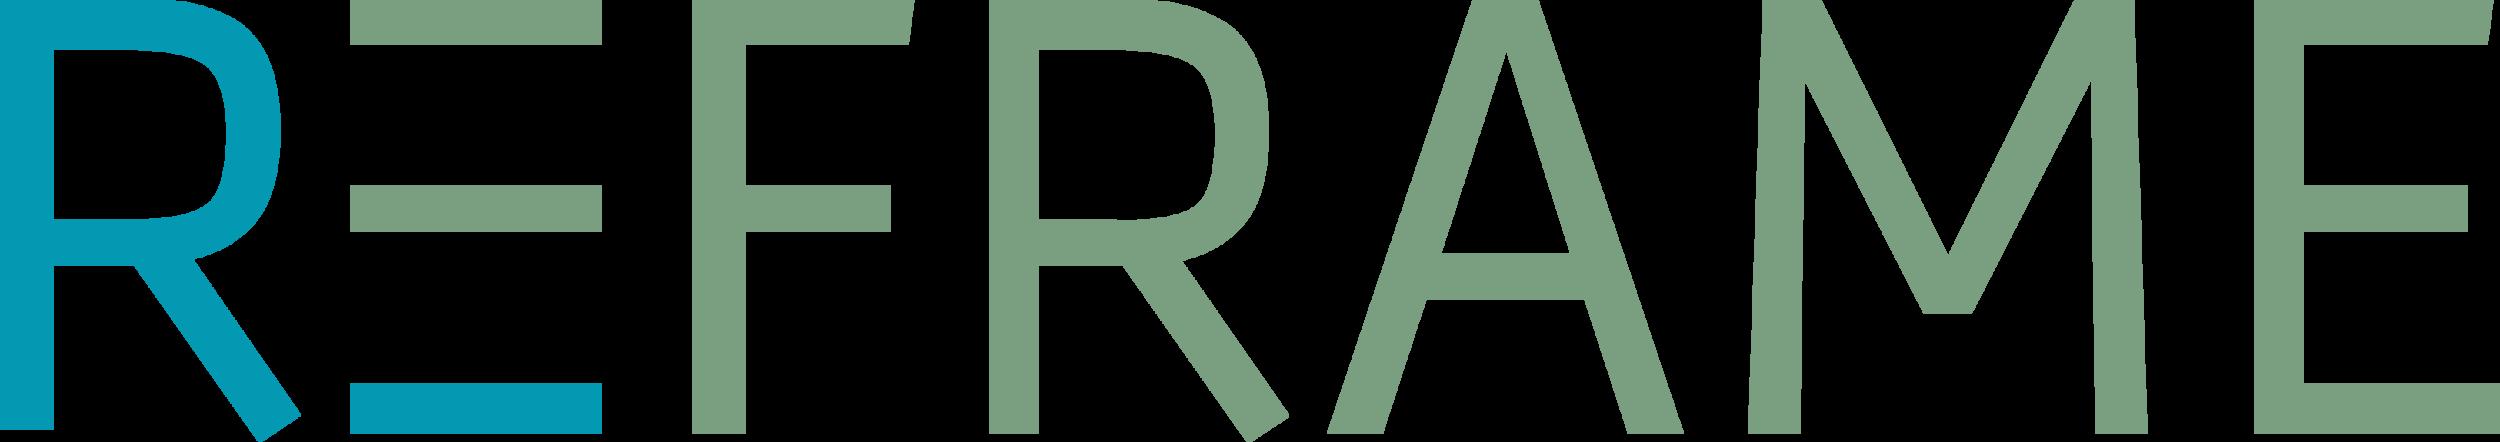 refr_logo_rgb_hr.png